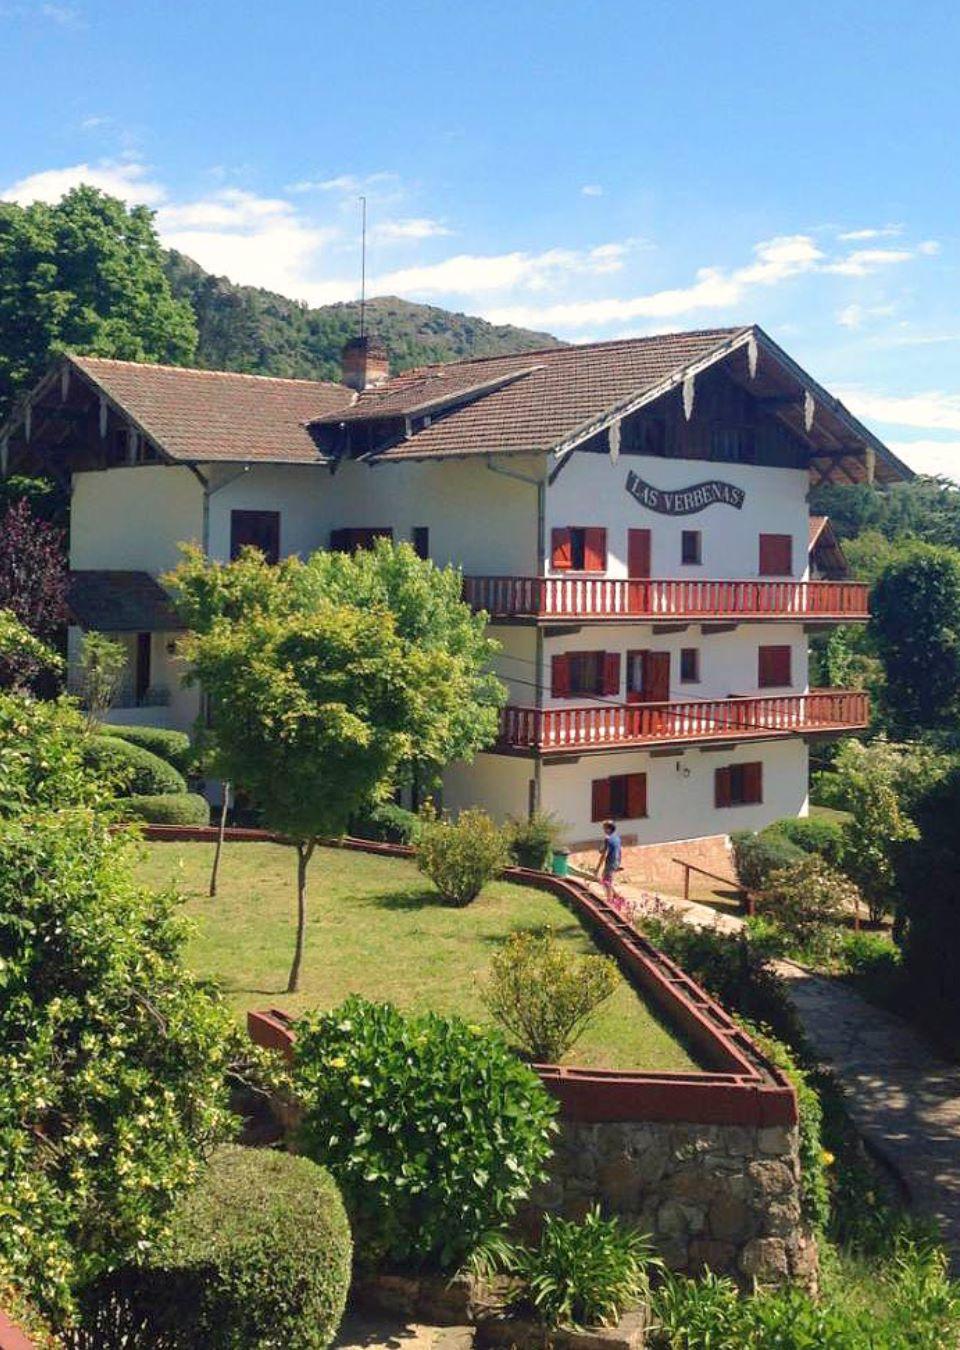 Hotel Las Verbenas